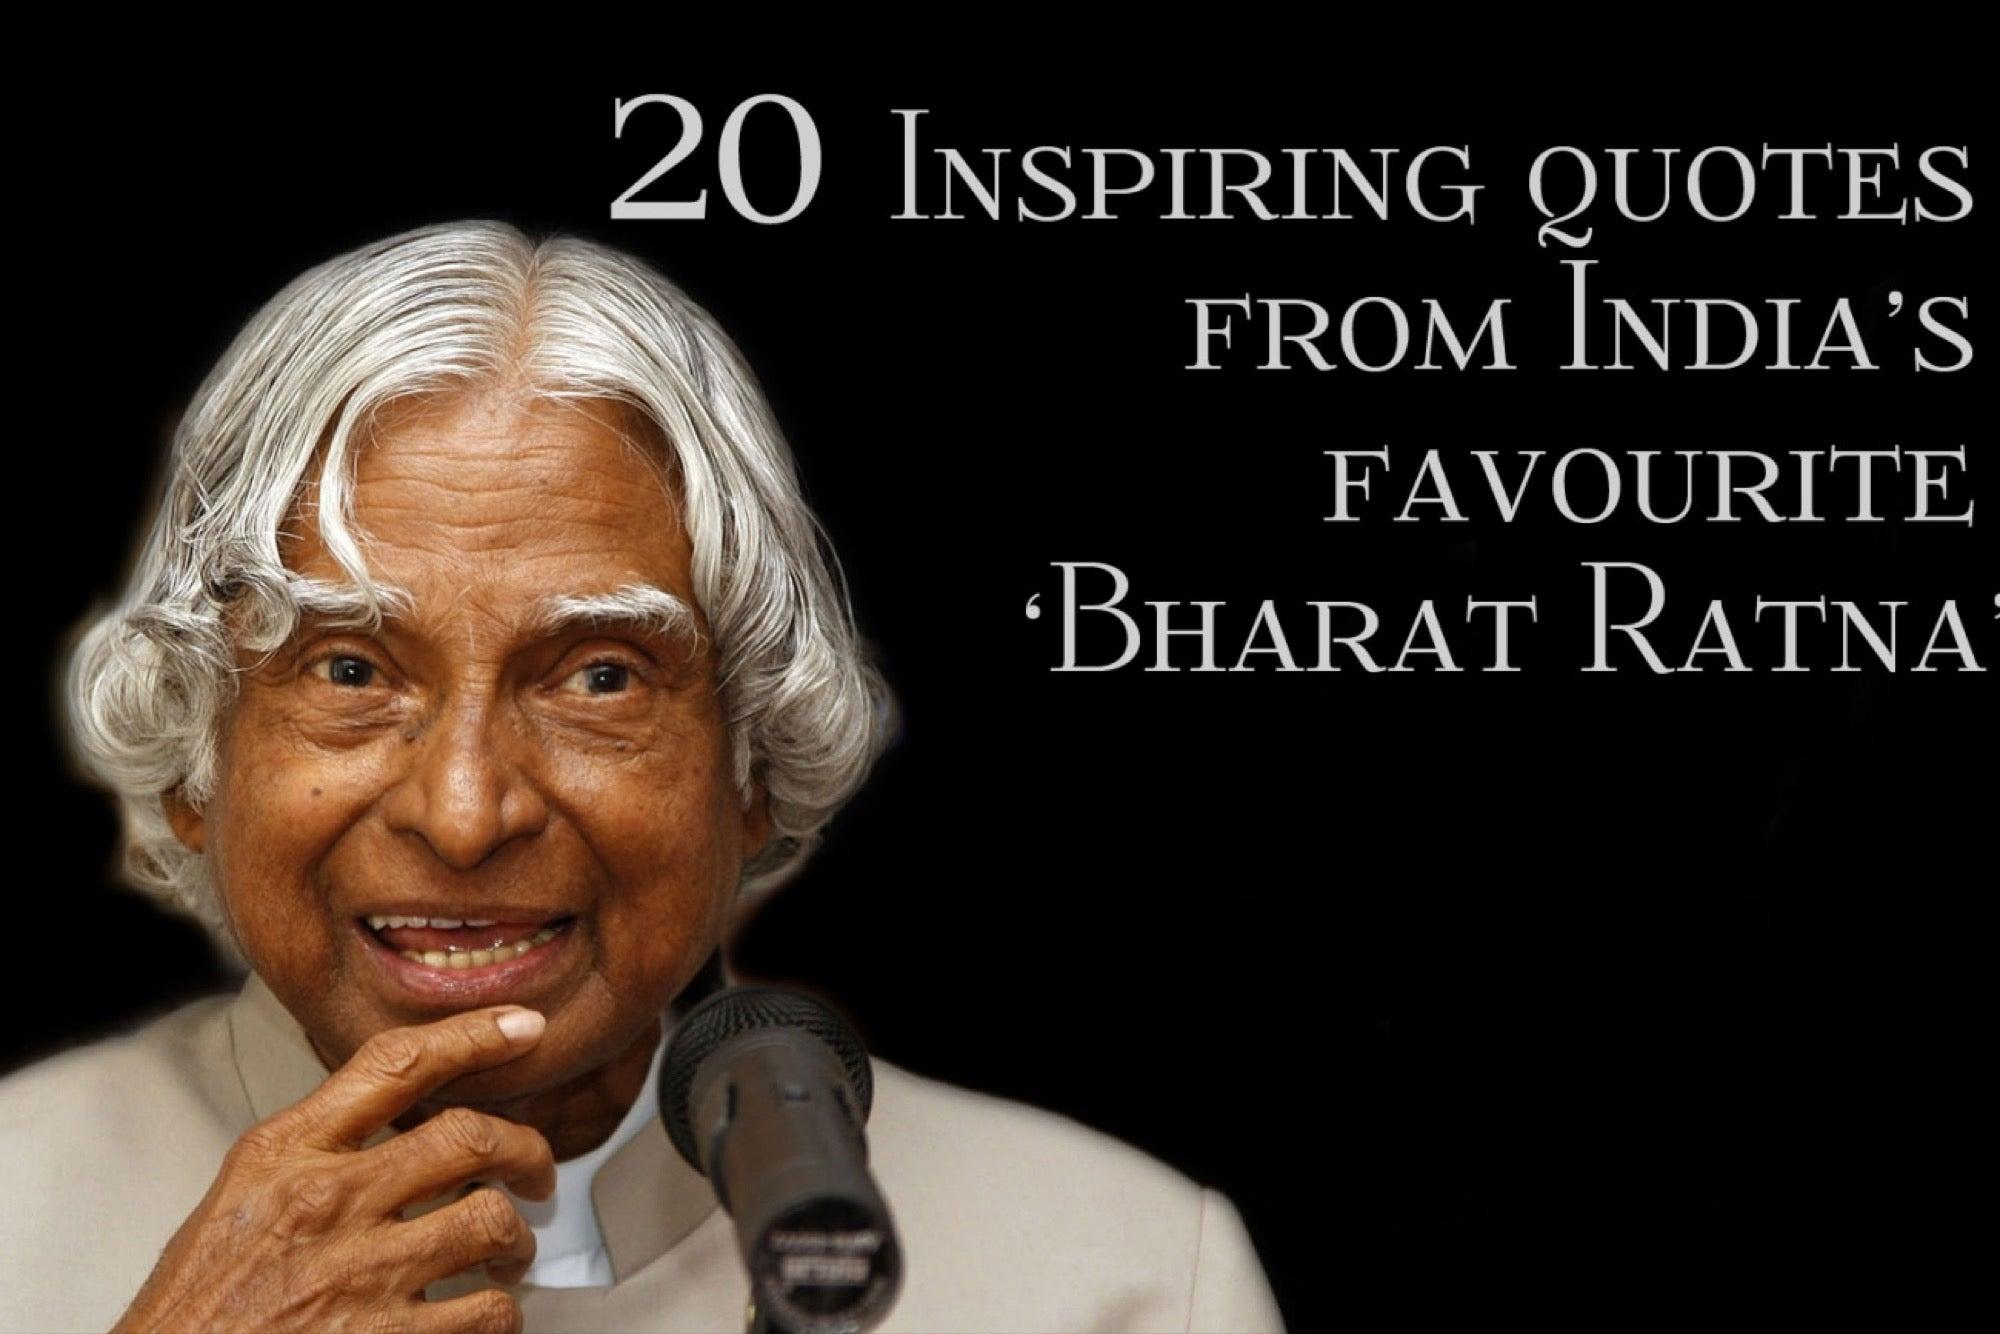 Dr APJ Abdul Kalam 20 Inspiring quotes from India s